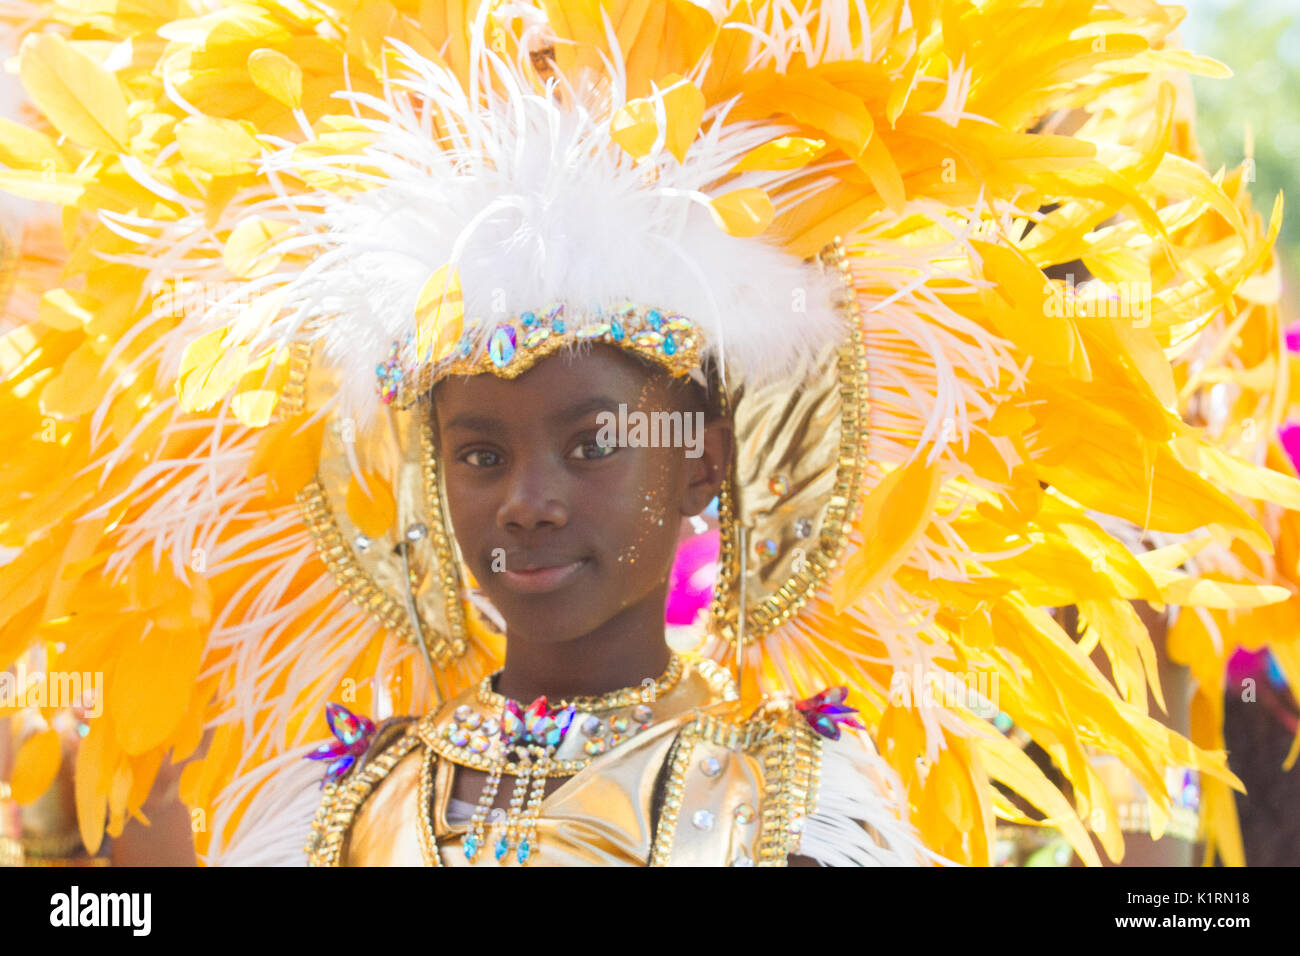 cf07839e1 El Carnaval de Notting Hill comenzó con un desfile del día de la familia  con niños vestidos con coloridos trajes de Samba.